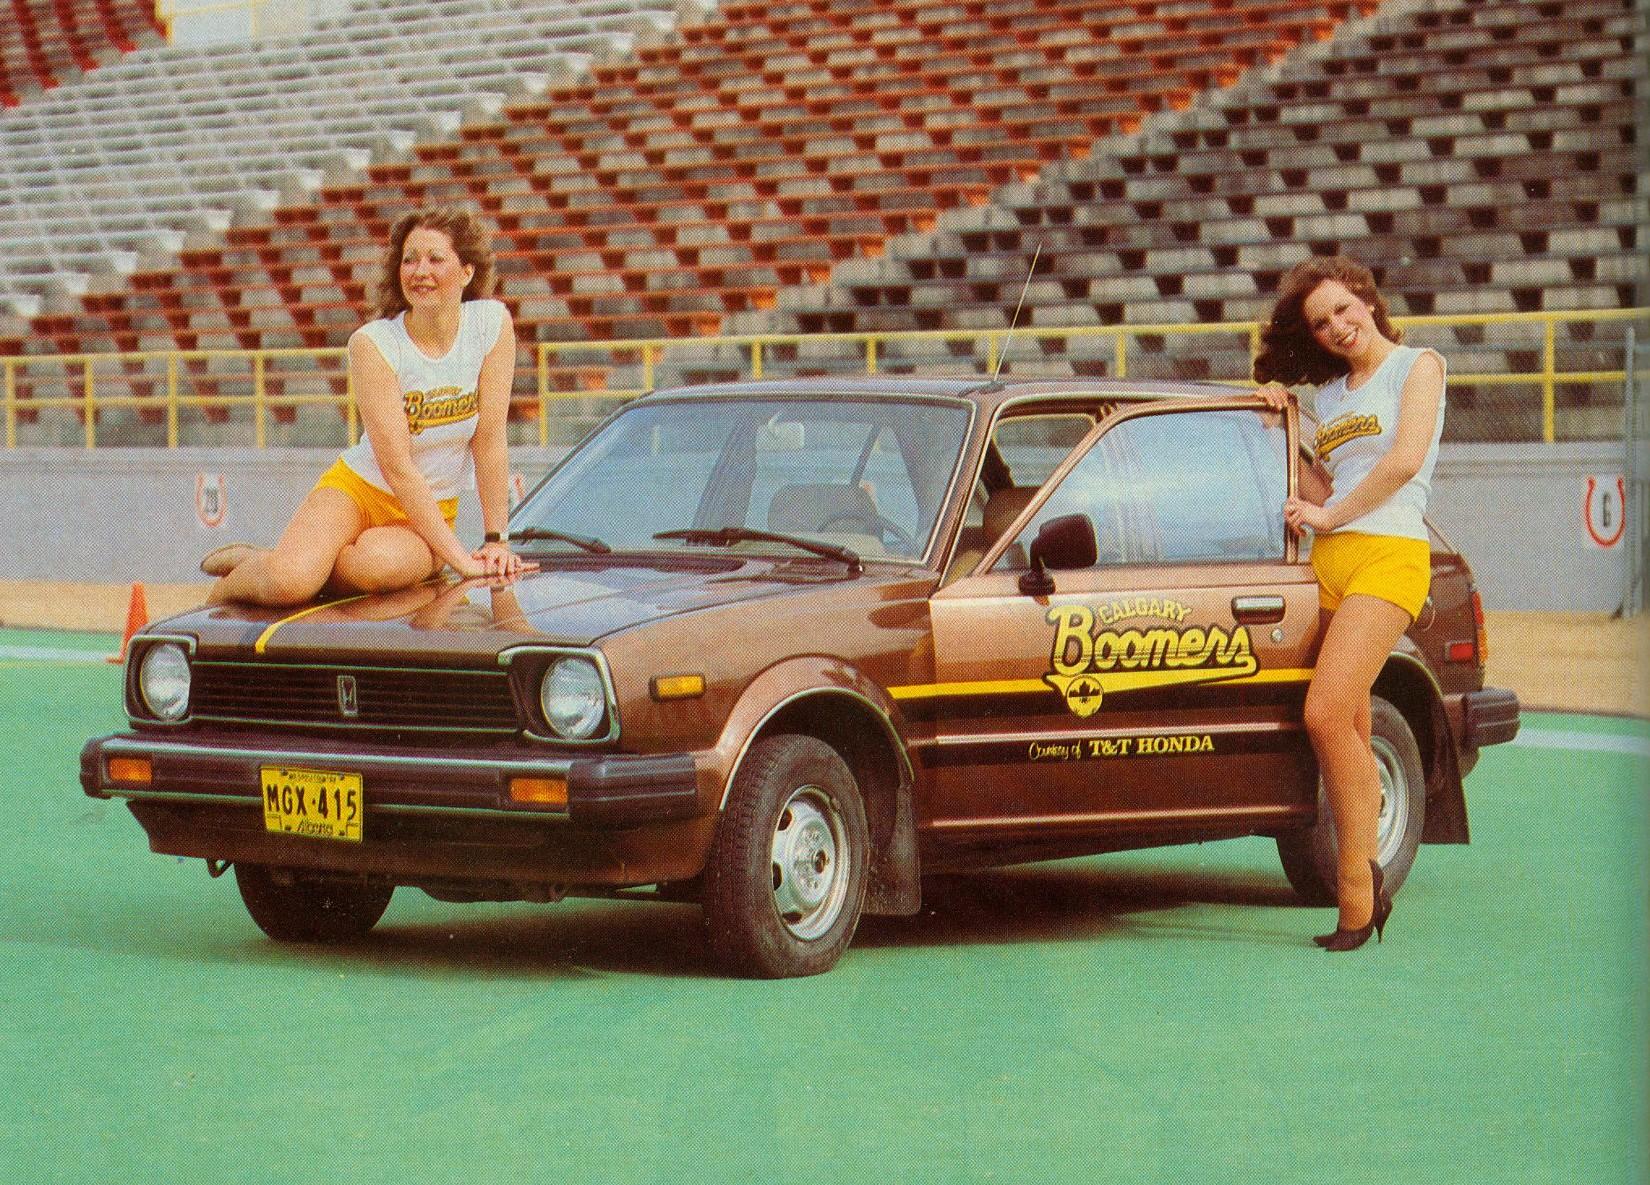 Boomers 81 Cheerleaders 002.jpg